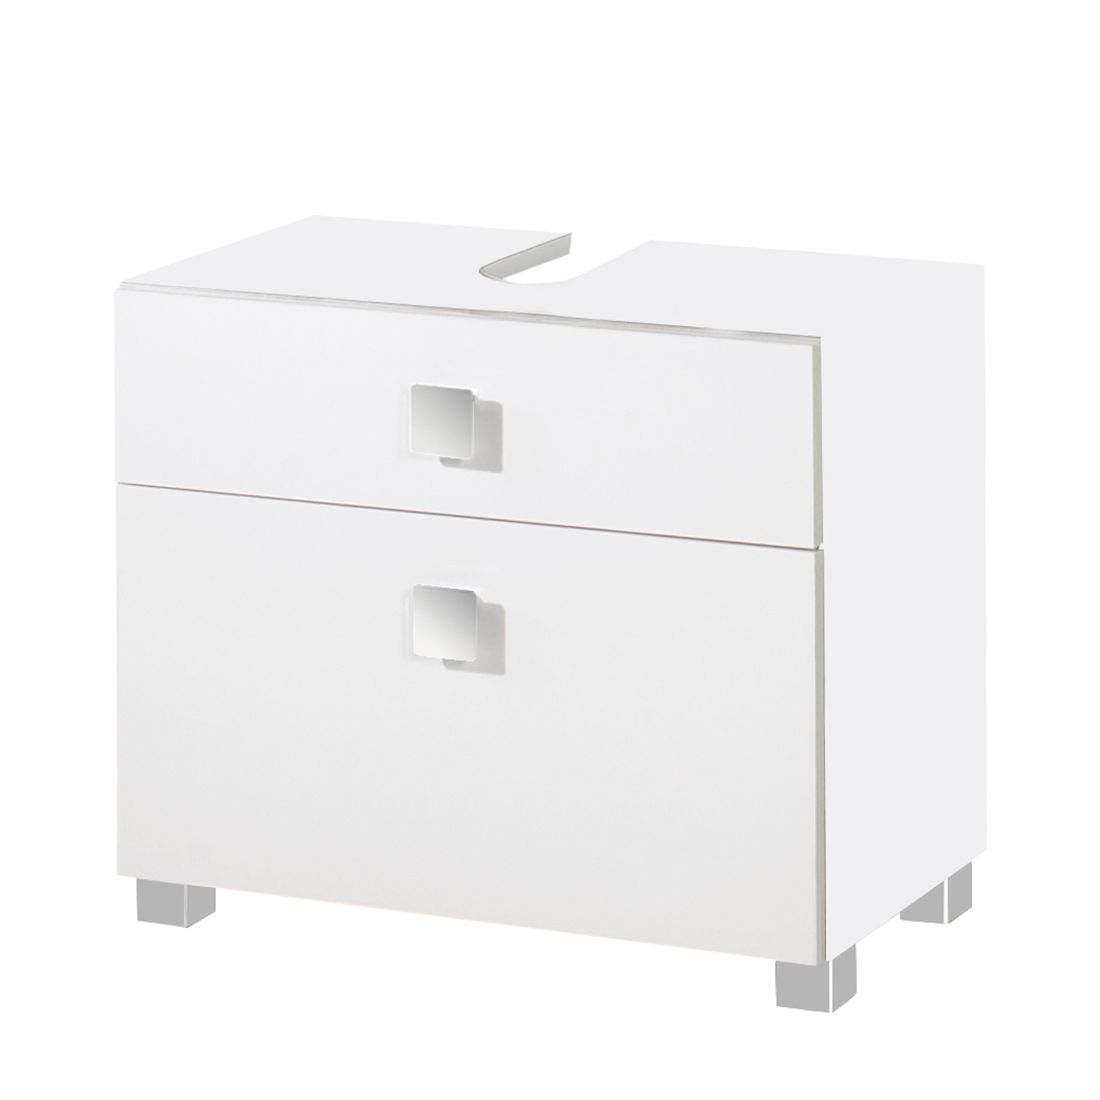 Waschbeckenunterschrank Genf – Weiß glanz/Weiß, Giessbach kaufen